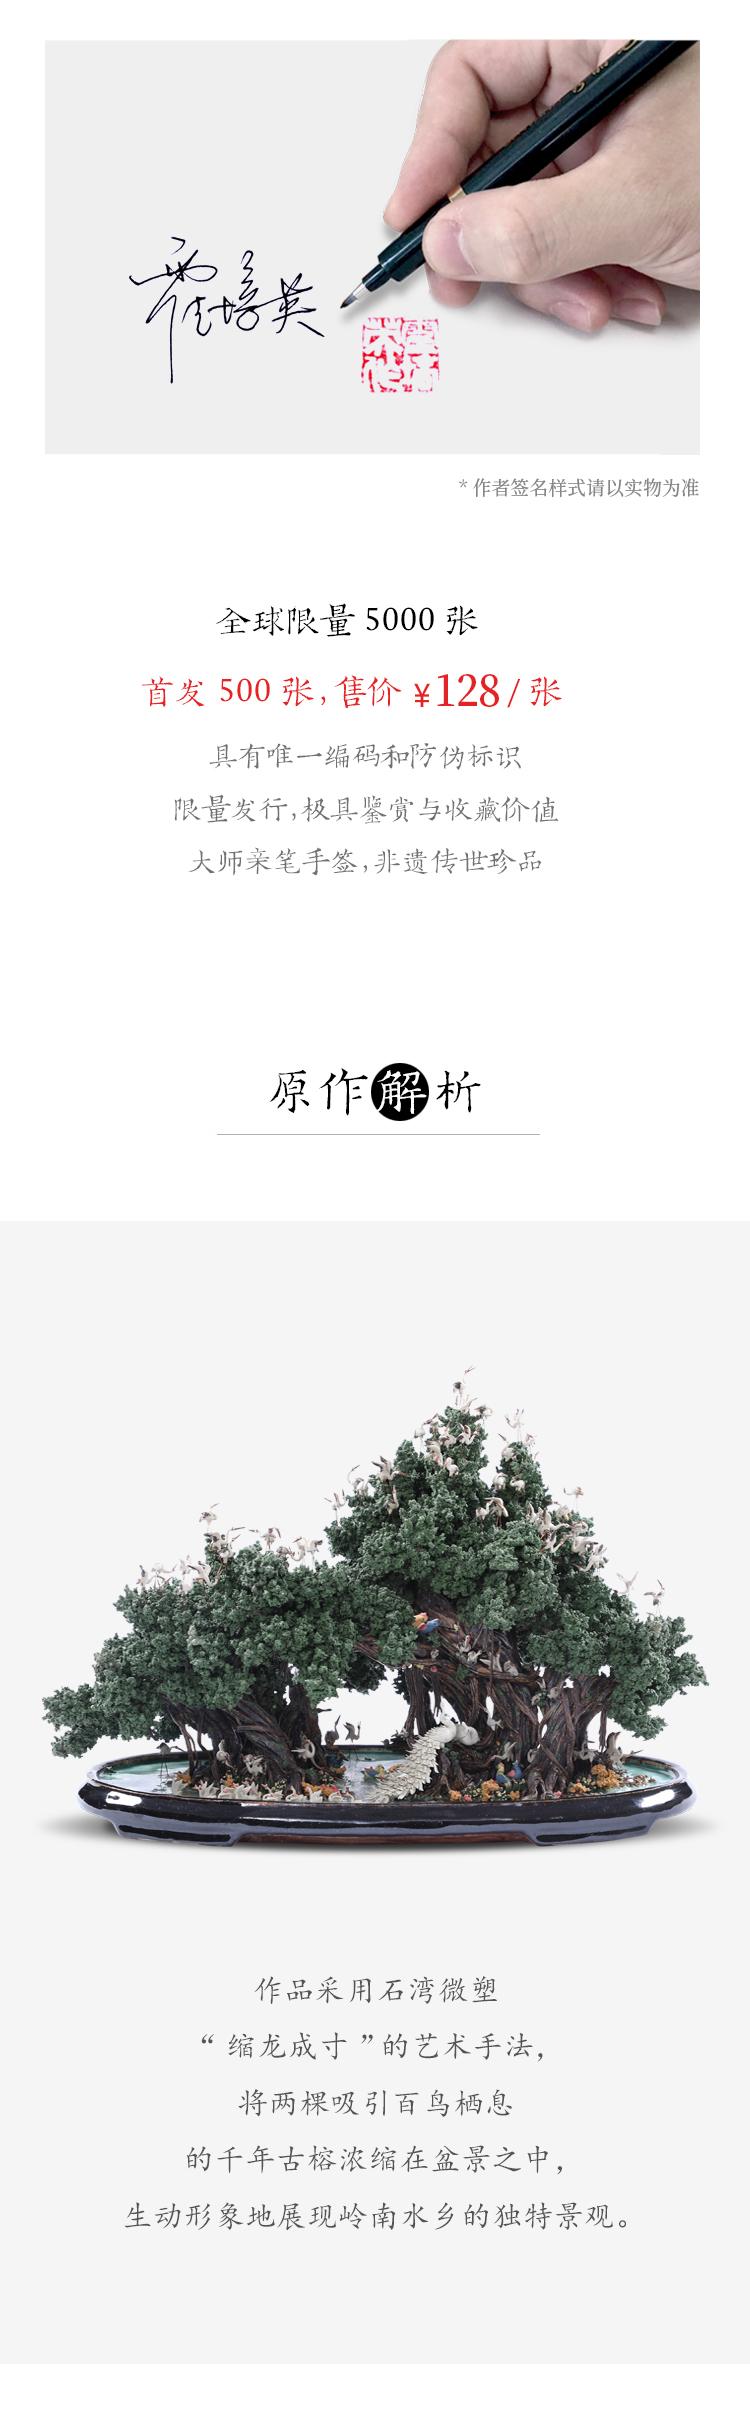 百鸟归巢_02.jpg